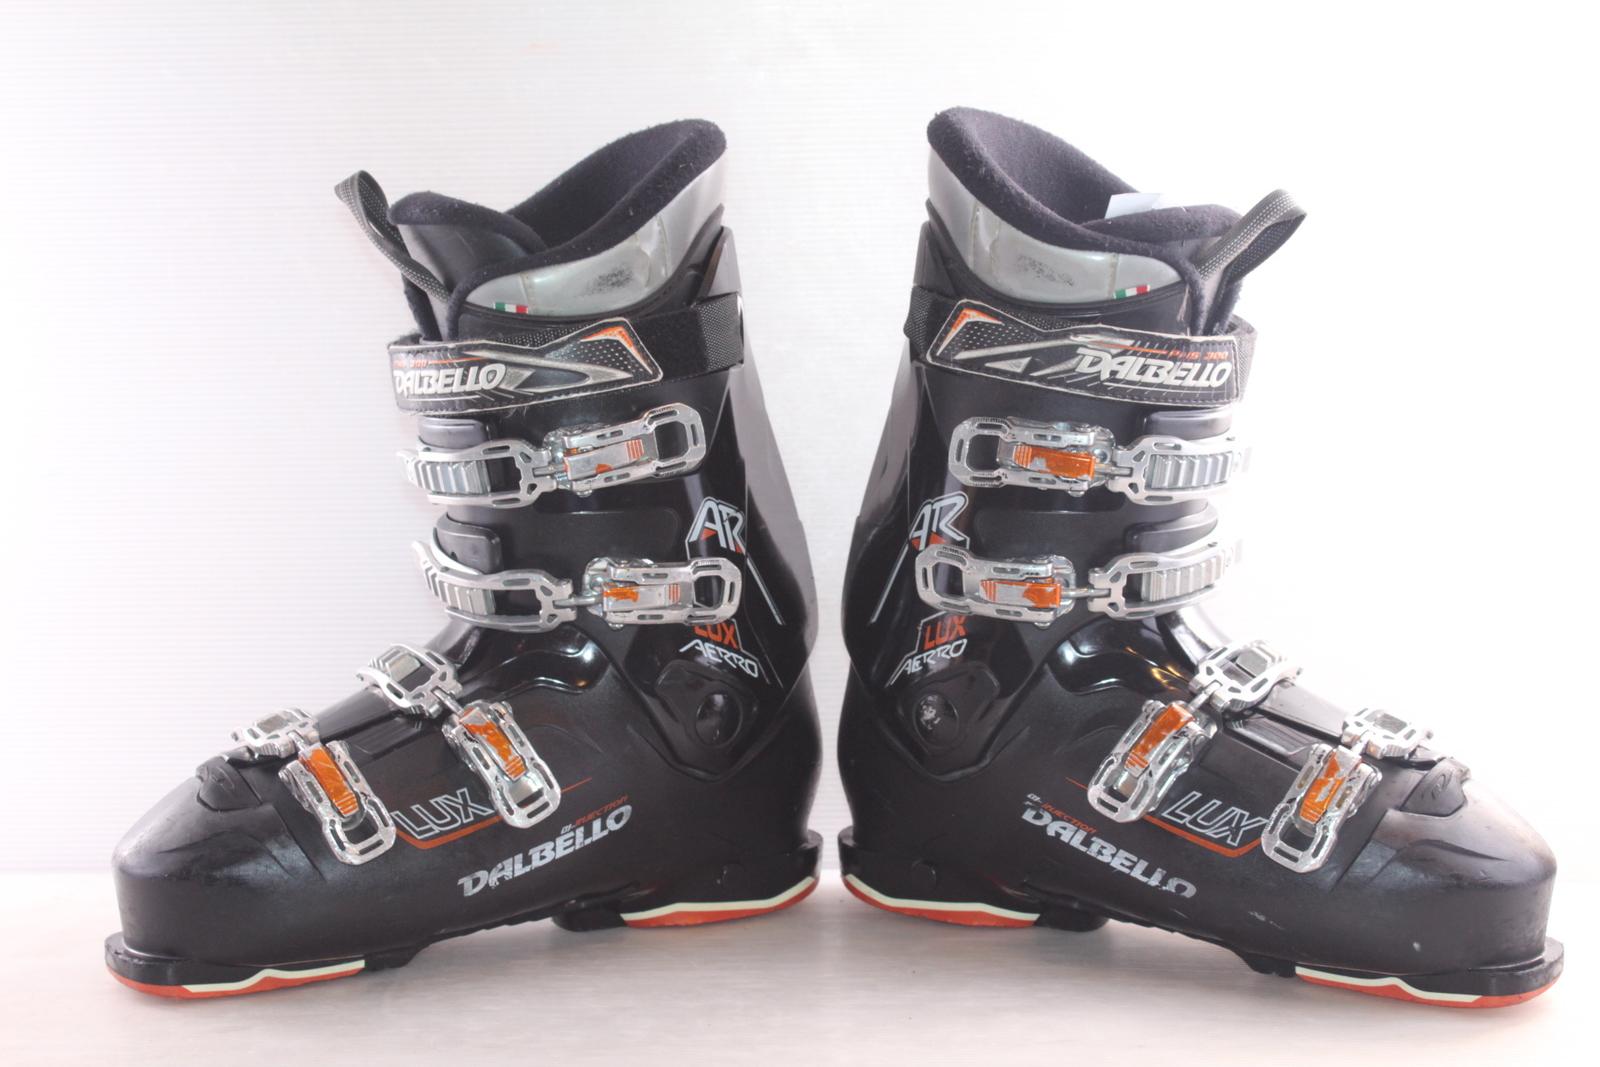 Lyžařské boty Dalbello Aerro Lux vel. EU44.5 flexe 80